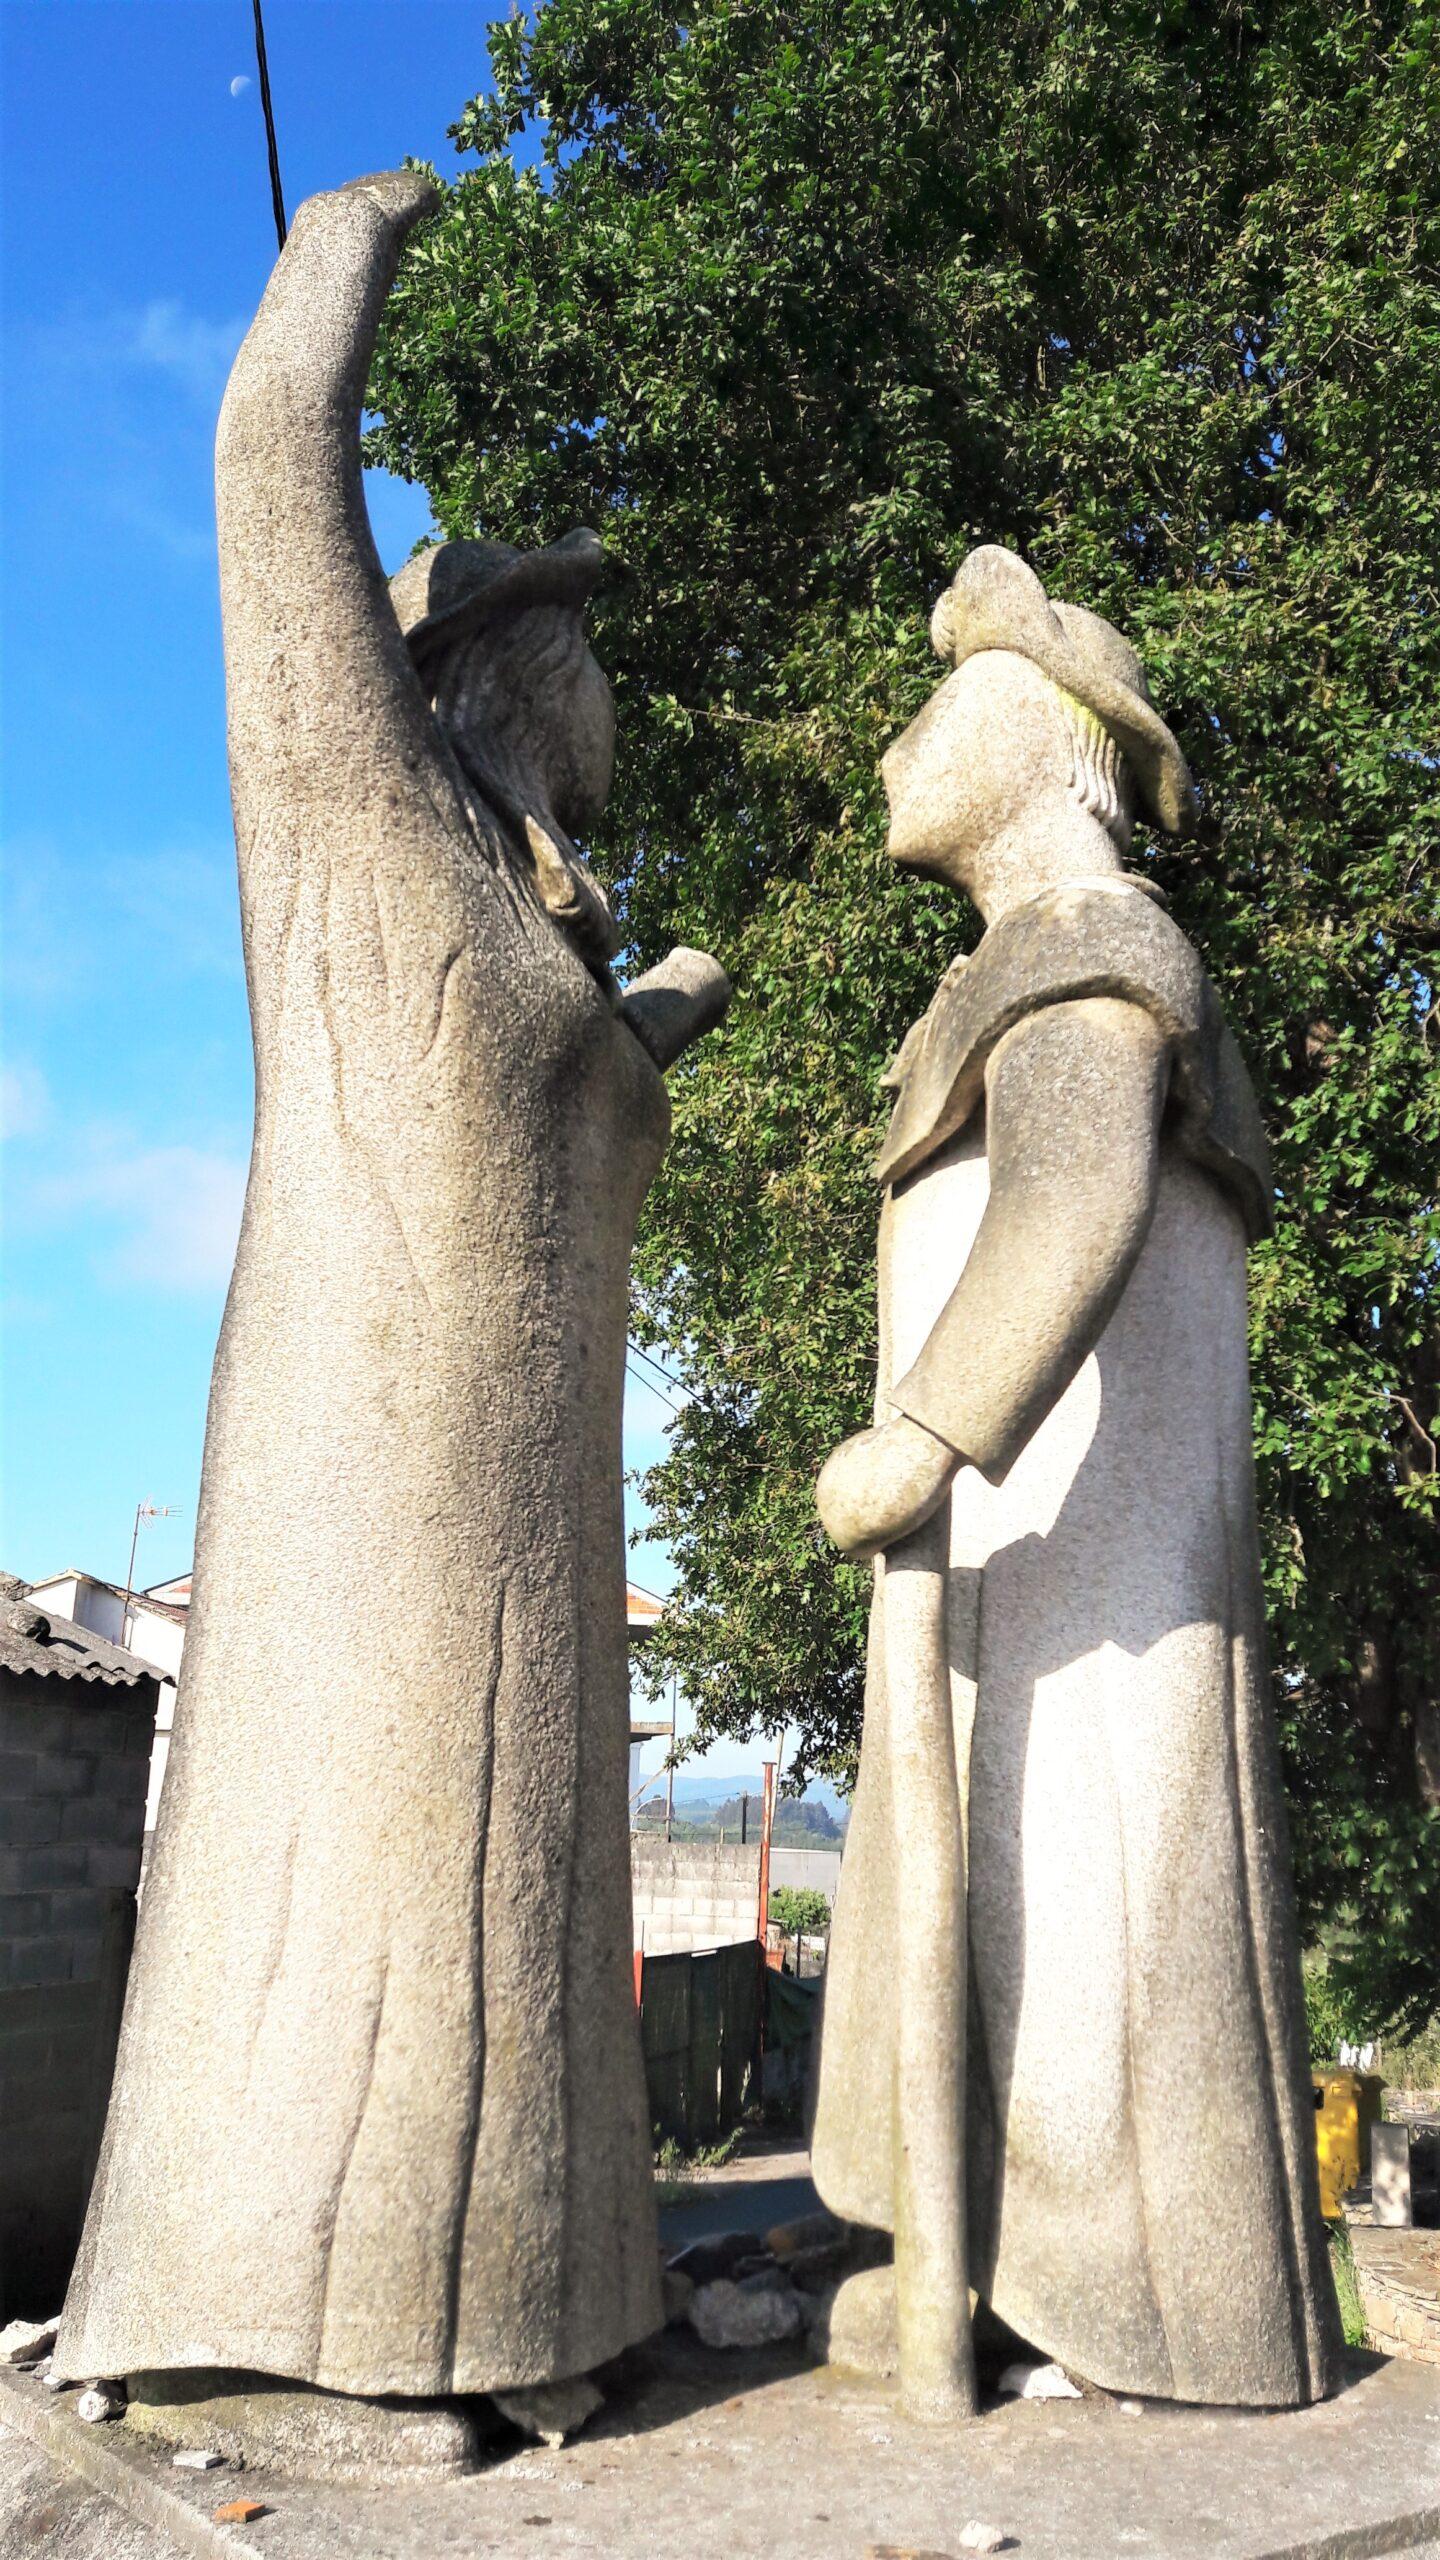 Kunstwerk van twee pelgrimsbeelden. De ene wijst, de andere luistert.